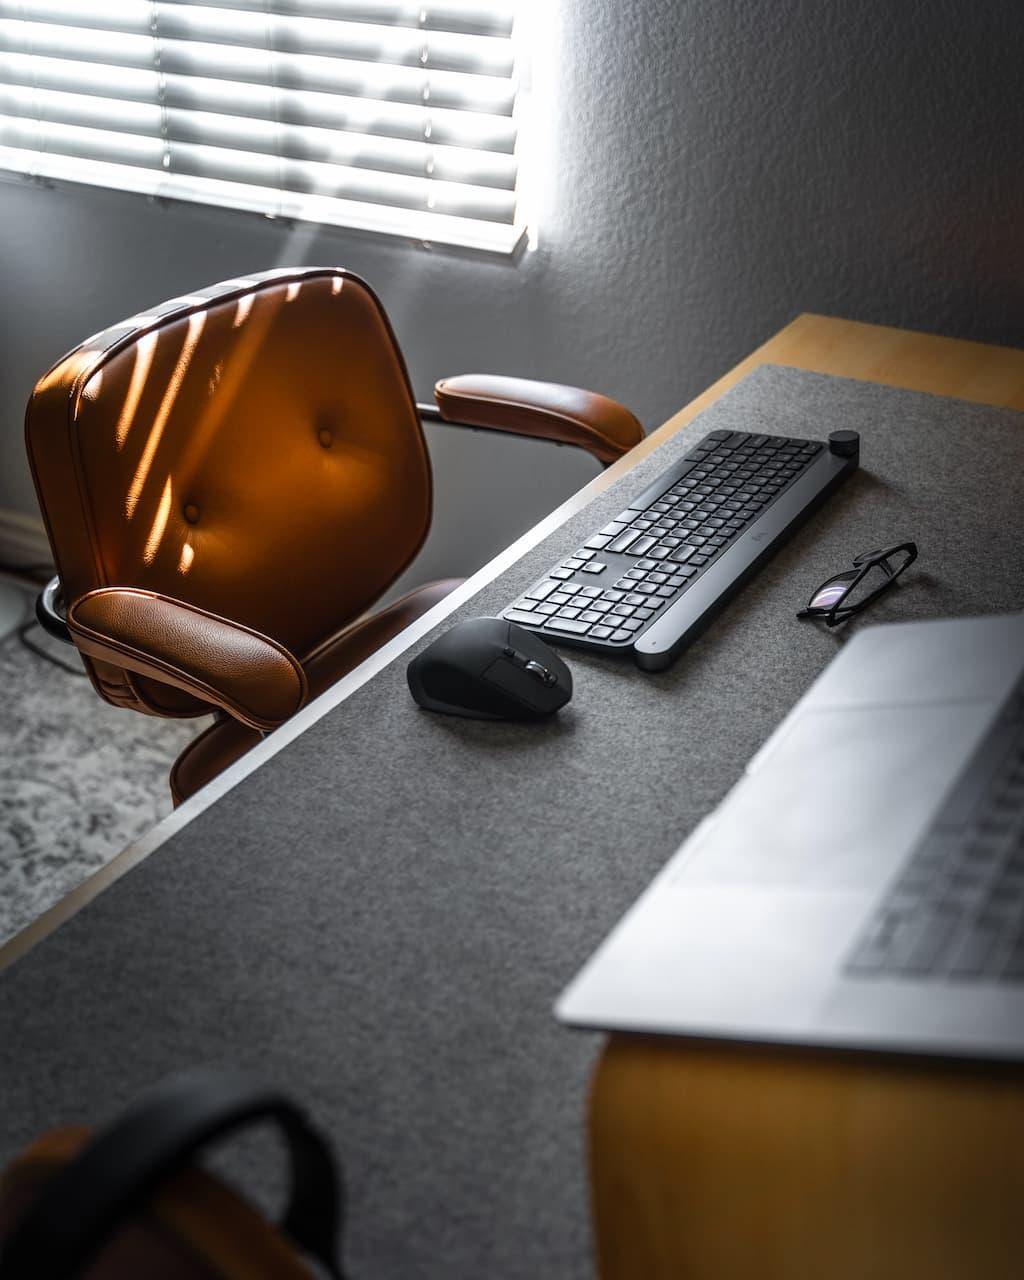 Zwolnienie dyscyplinarne, czyli rozwiązanie umowy o pracę bez wypowiedzenia, z winy pracownika